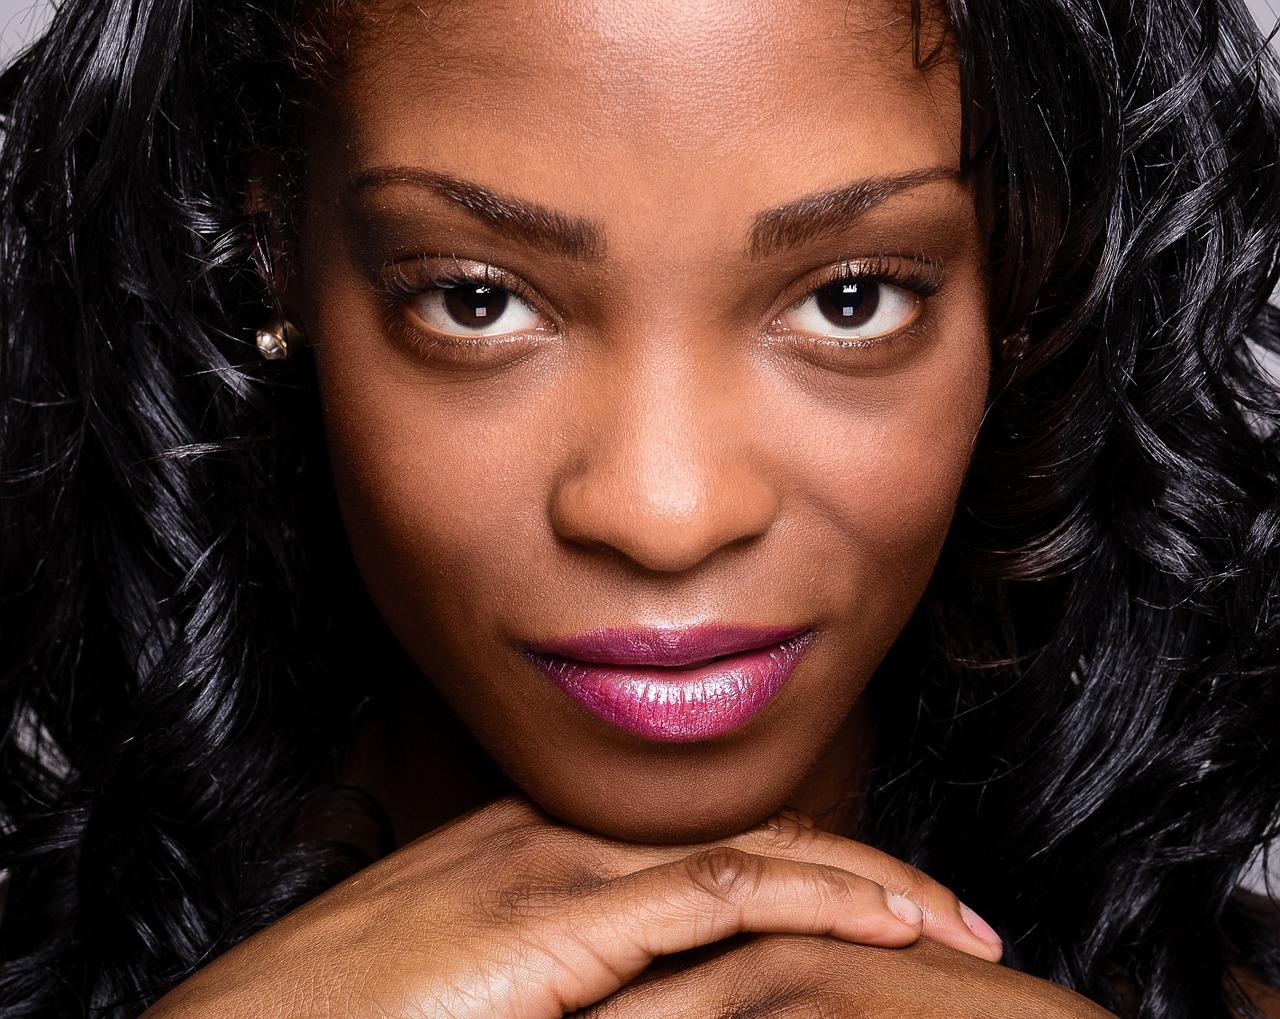 Descubra mais sobre opções de curso online de maquiagem para pele negra